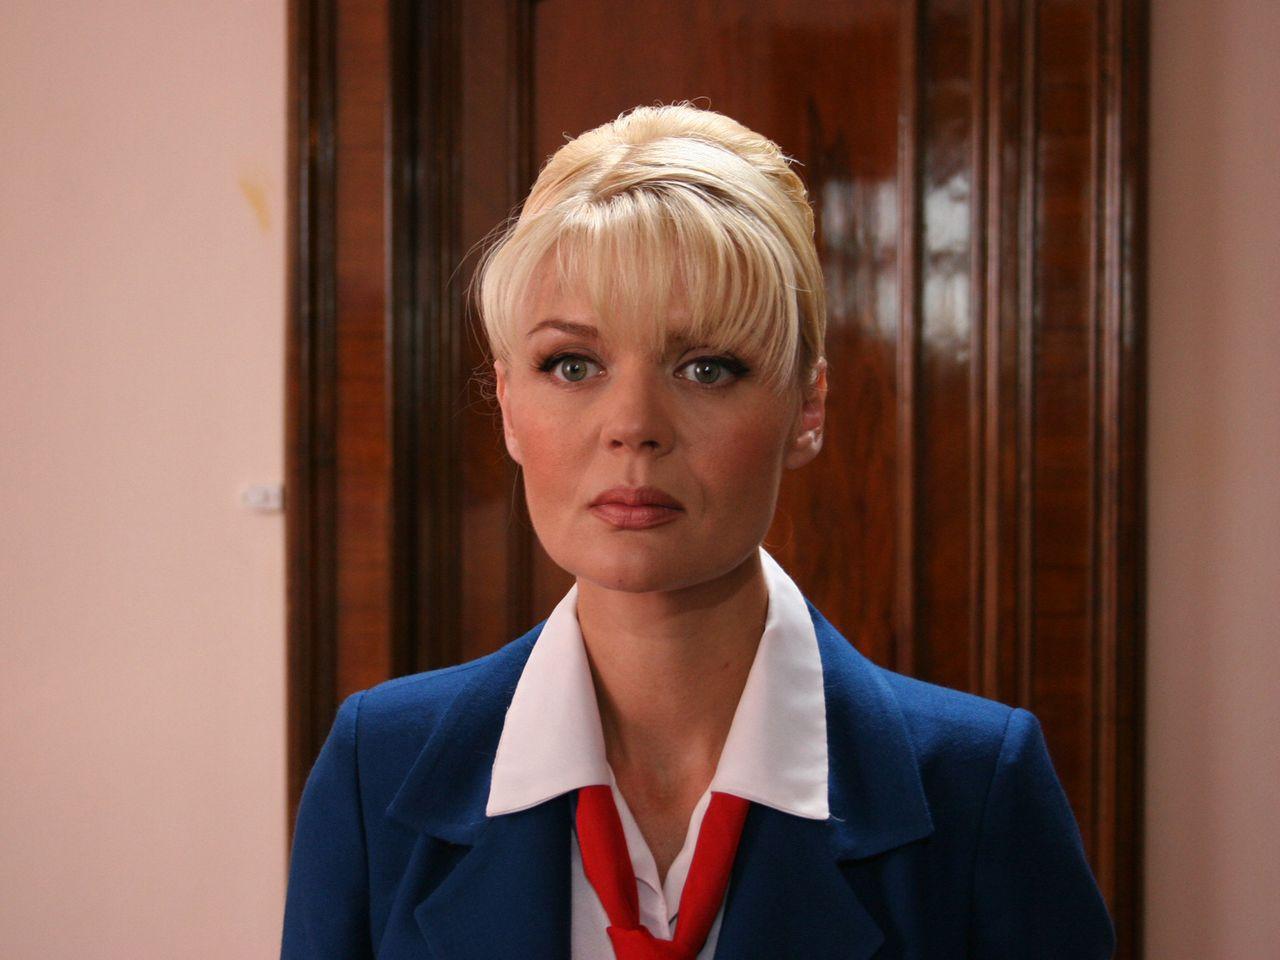 Юлия Меньшова показала подписчикам 15-летнюю дочь